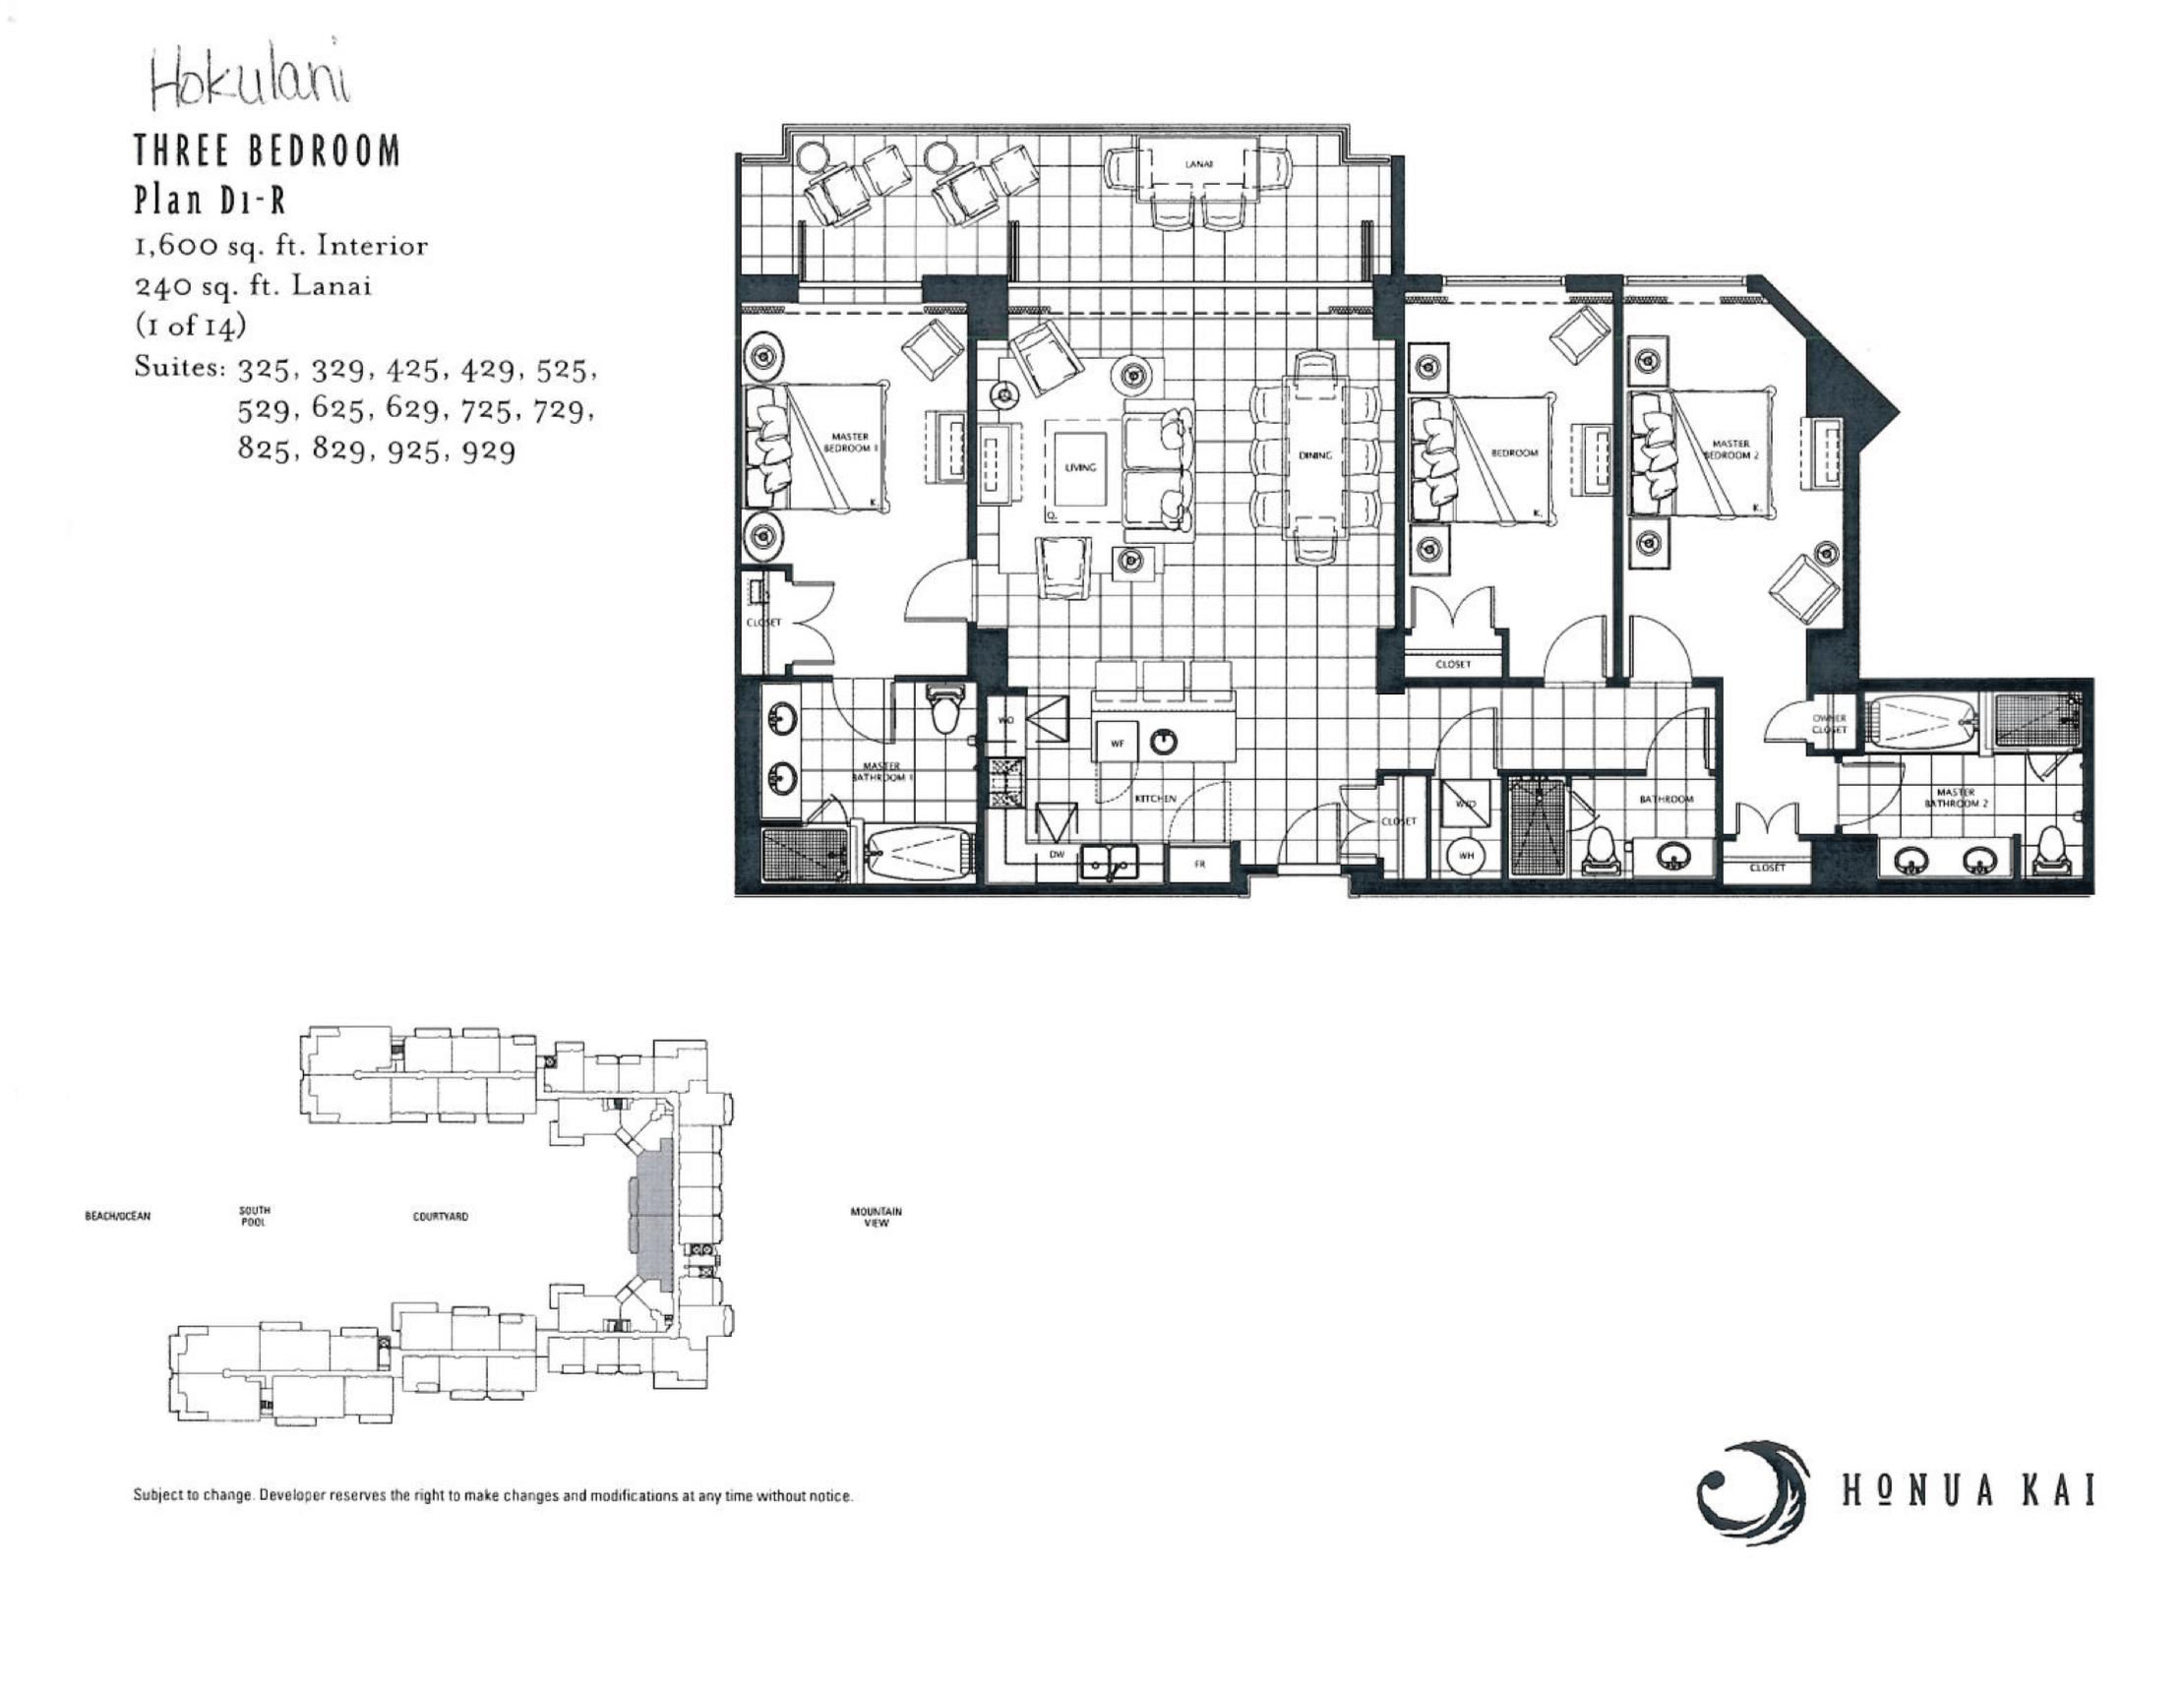 Honua Kai 3 BR D1-R